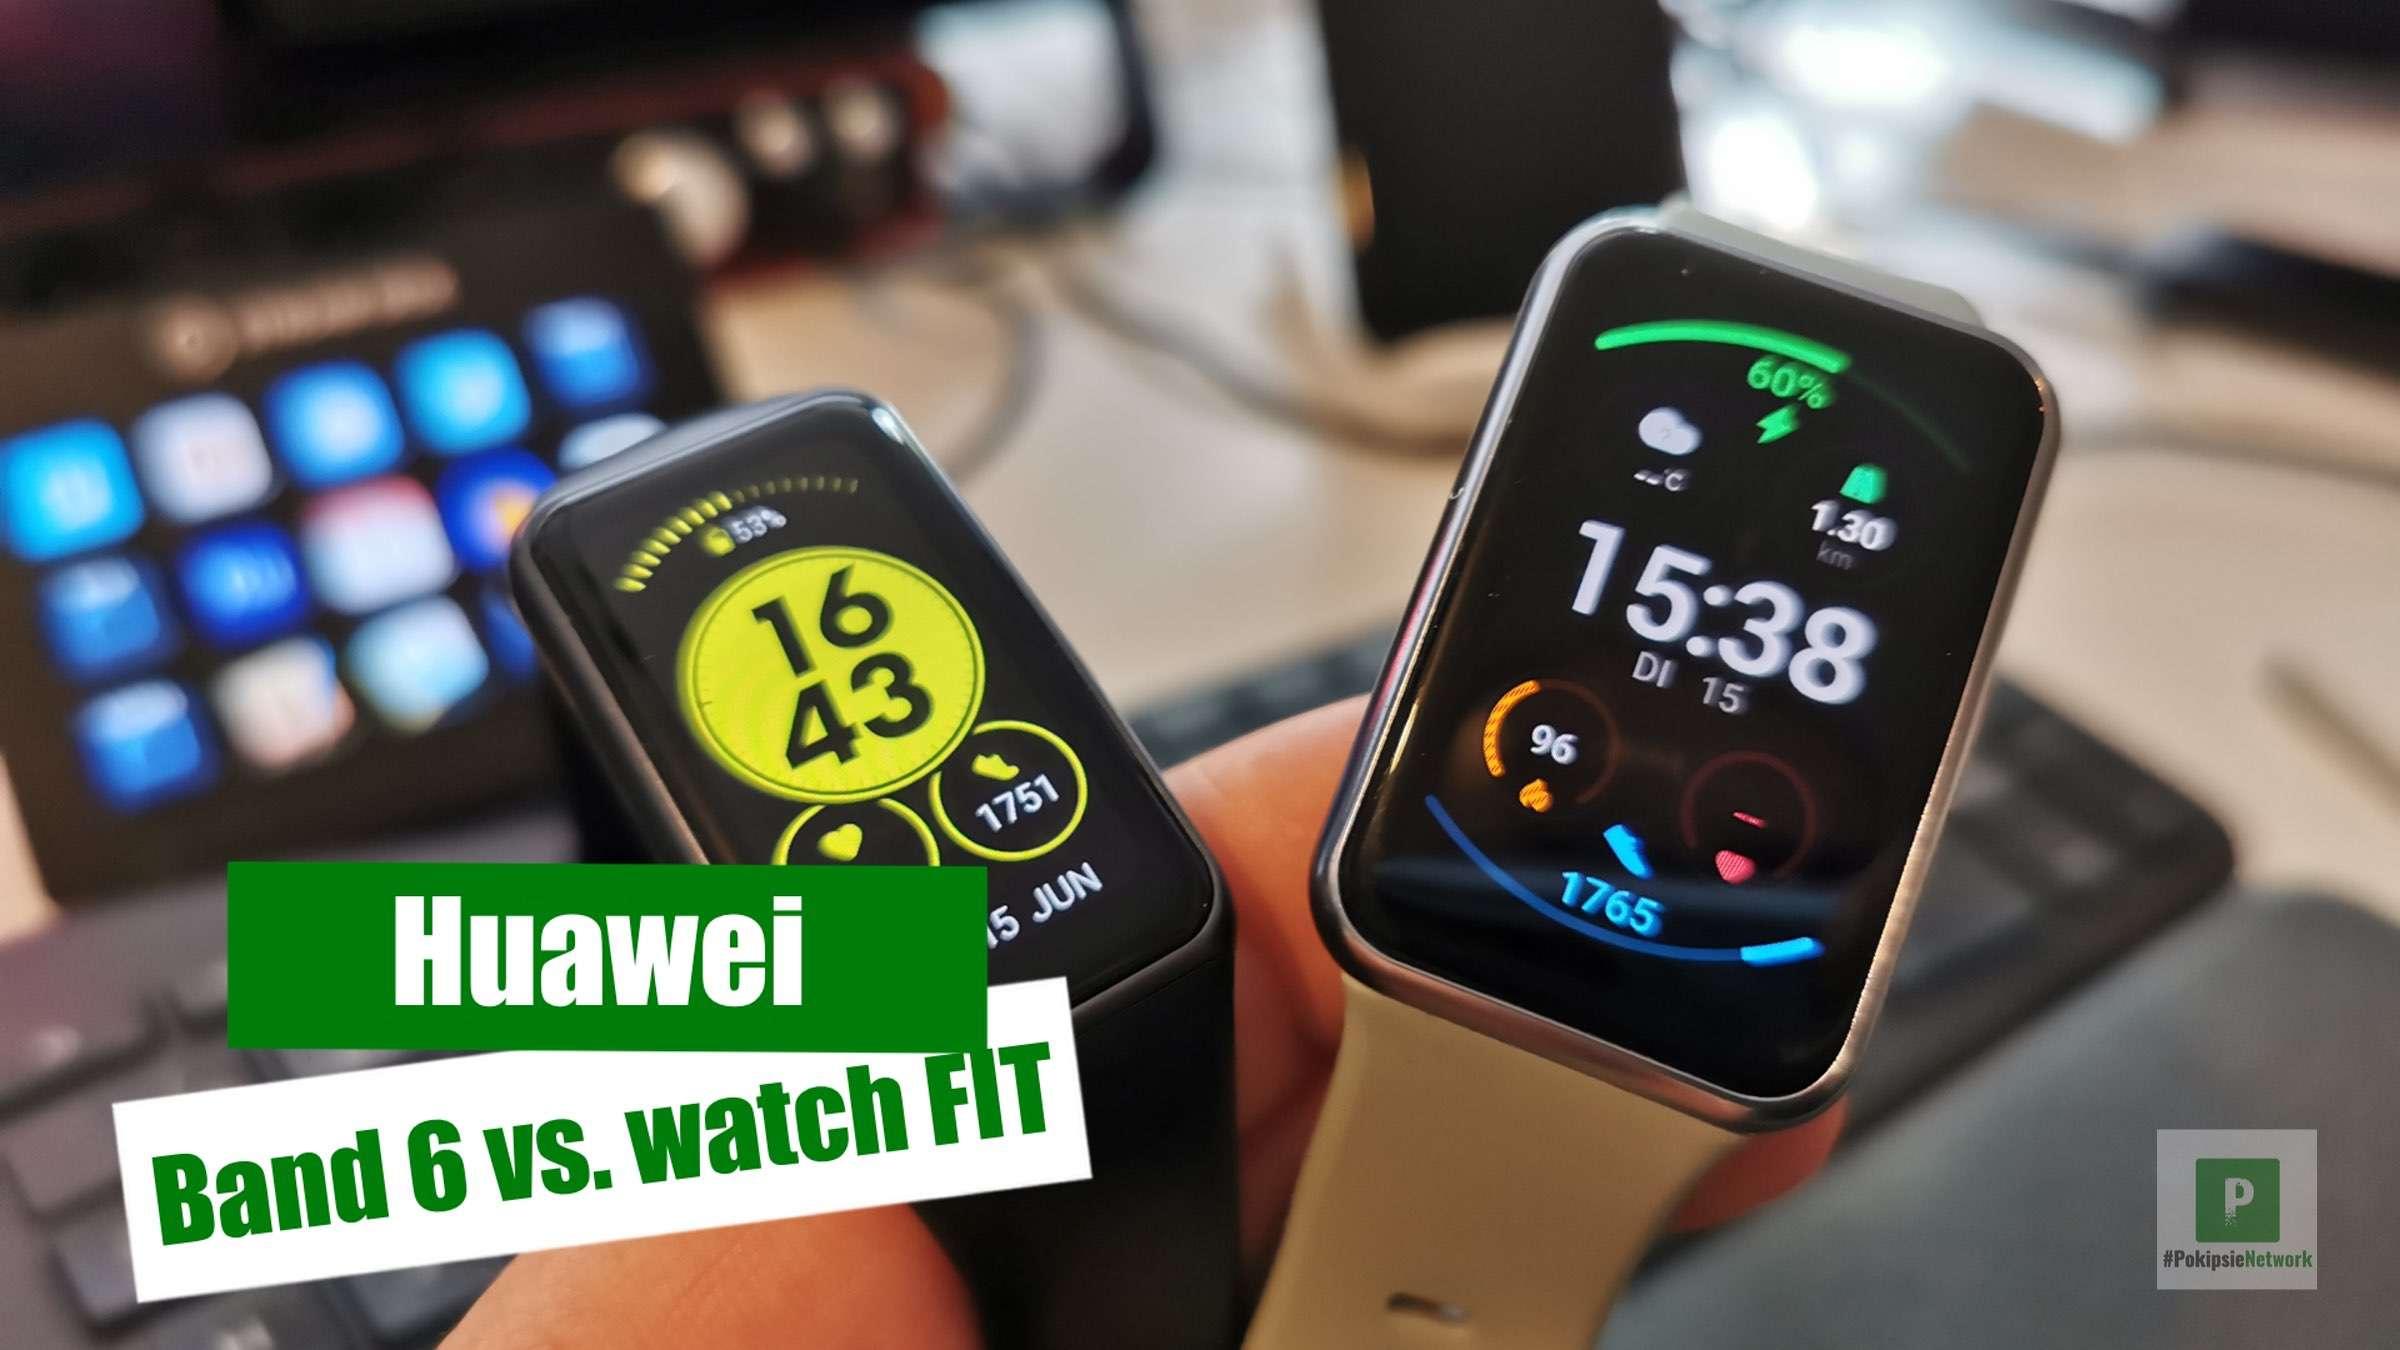 Video – Huawei Band 6 vs. Huawei Watch FIT